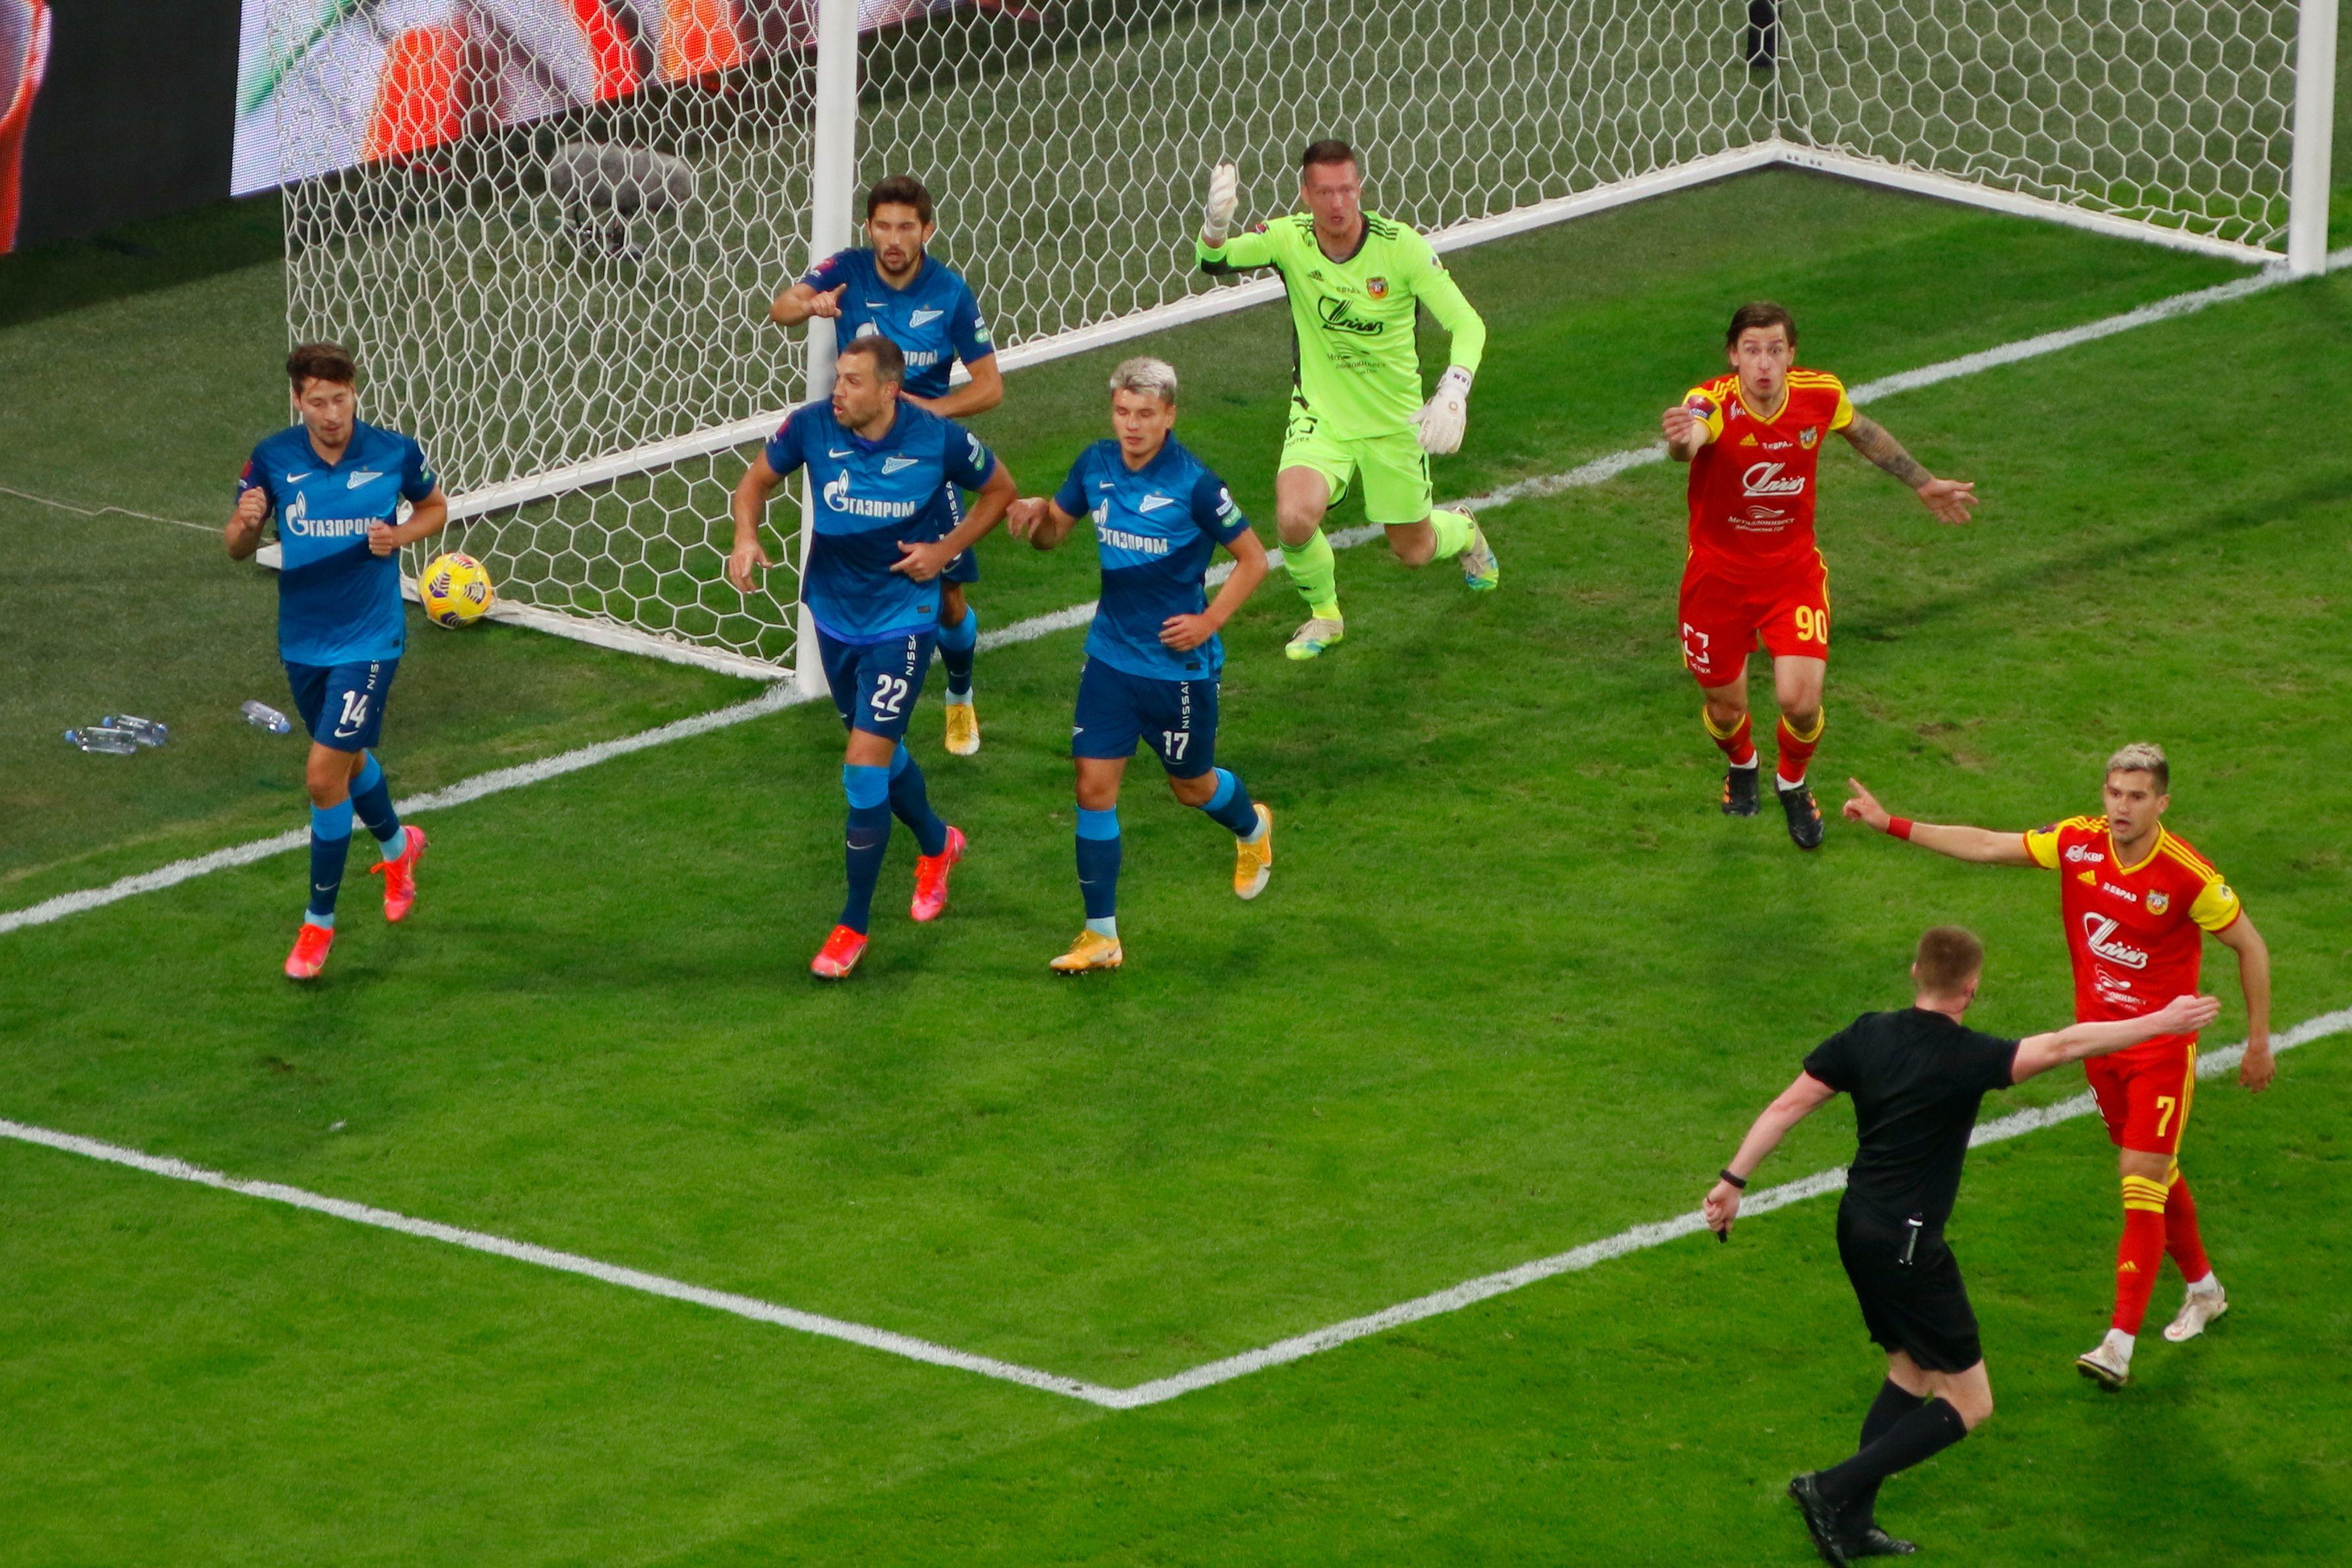 Как 'Арсенал' выбил 'Зенит' из Кубка России - 2:1: все голы матча. ВИДЕО